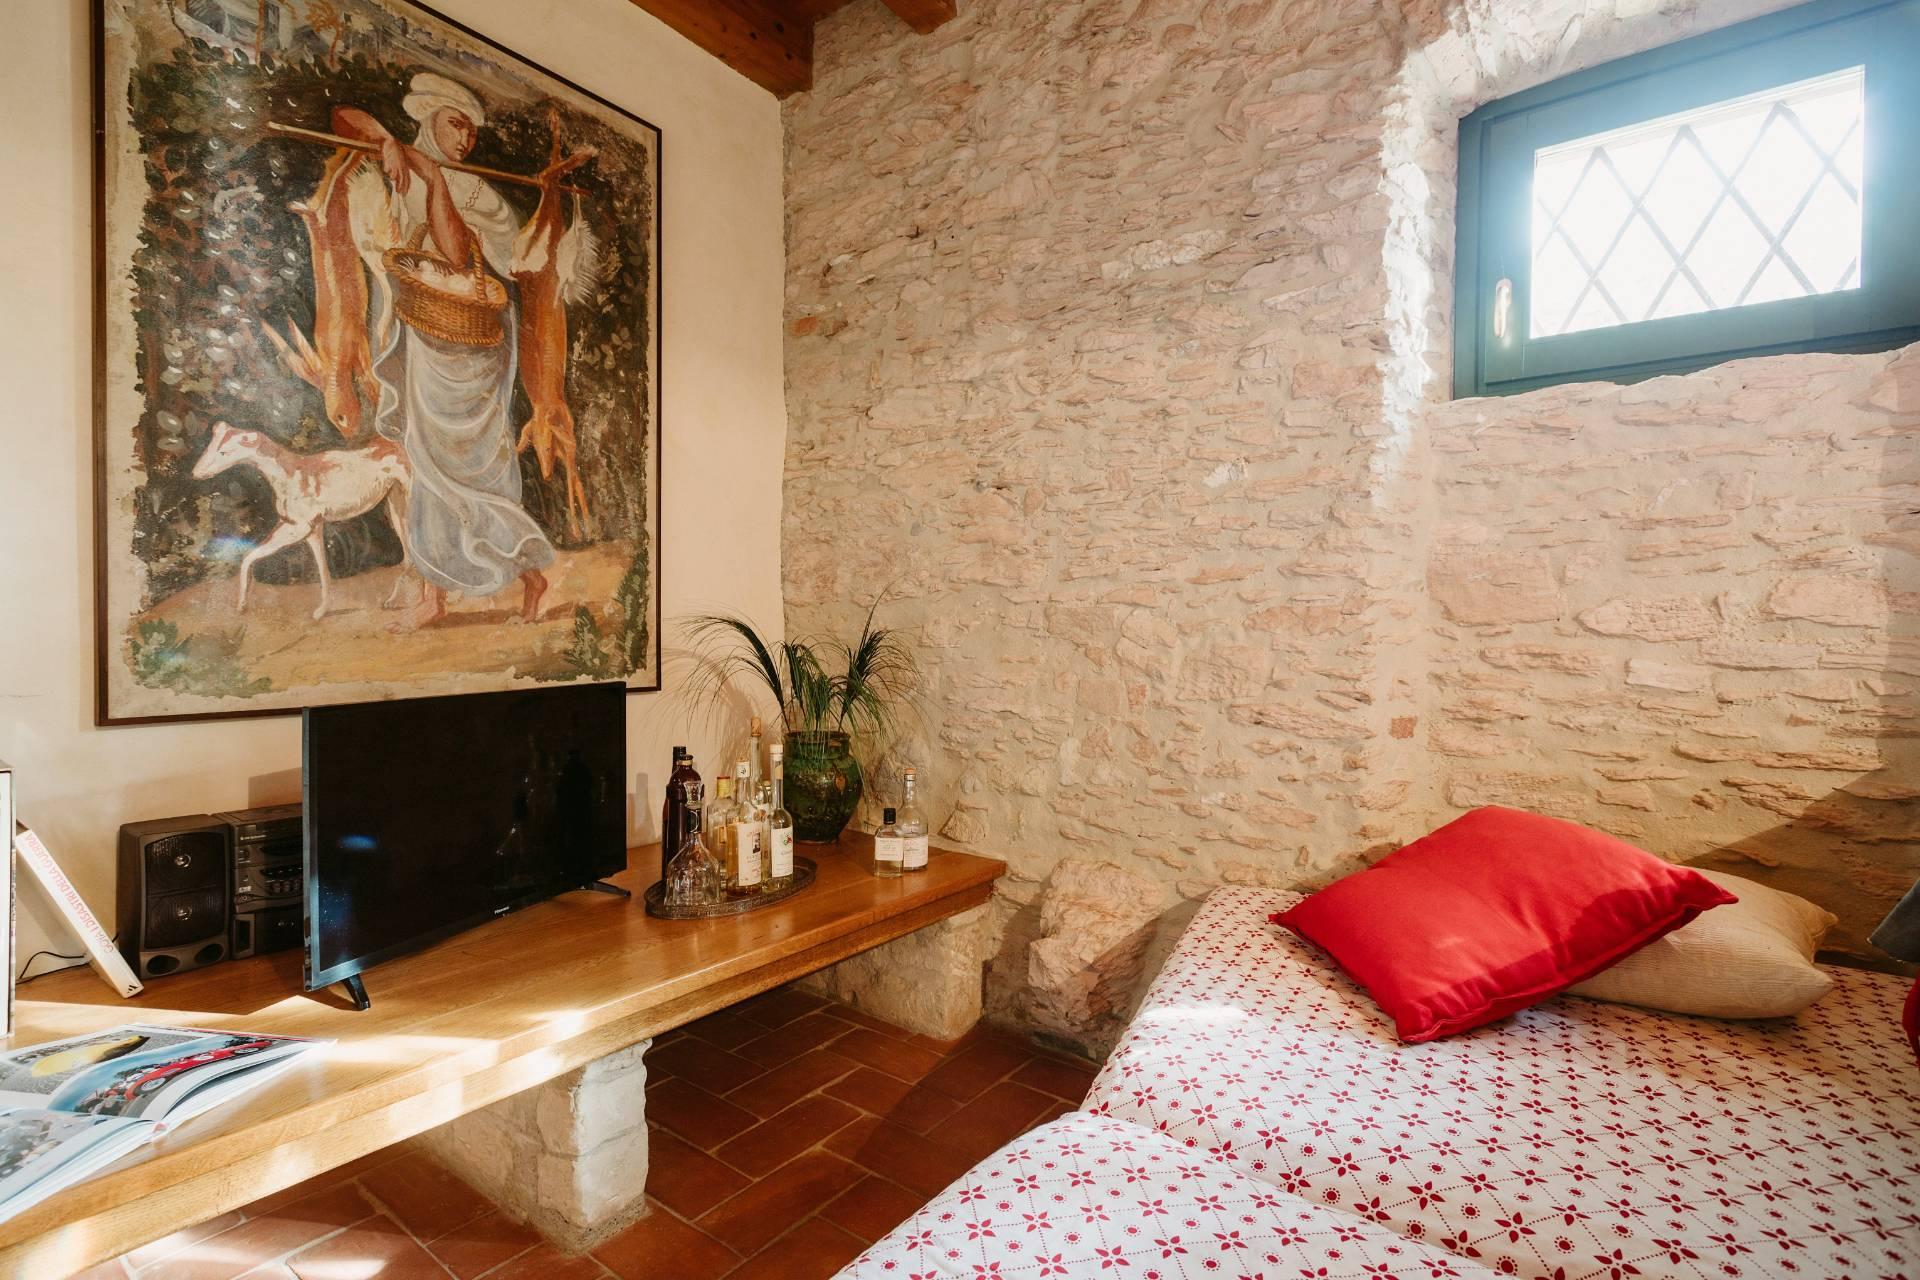 Rustico in Vendita a Toscolano-Maderno: 5 locali, 600 mq - Foto 13